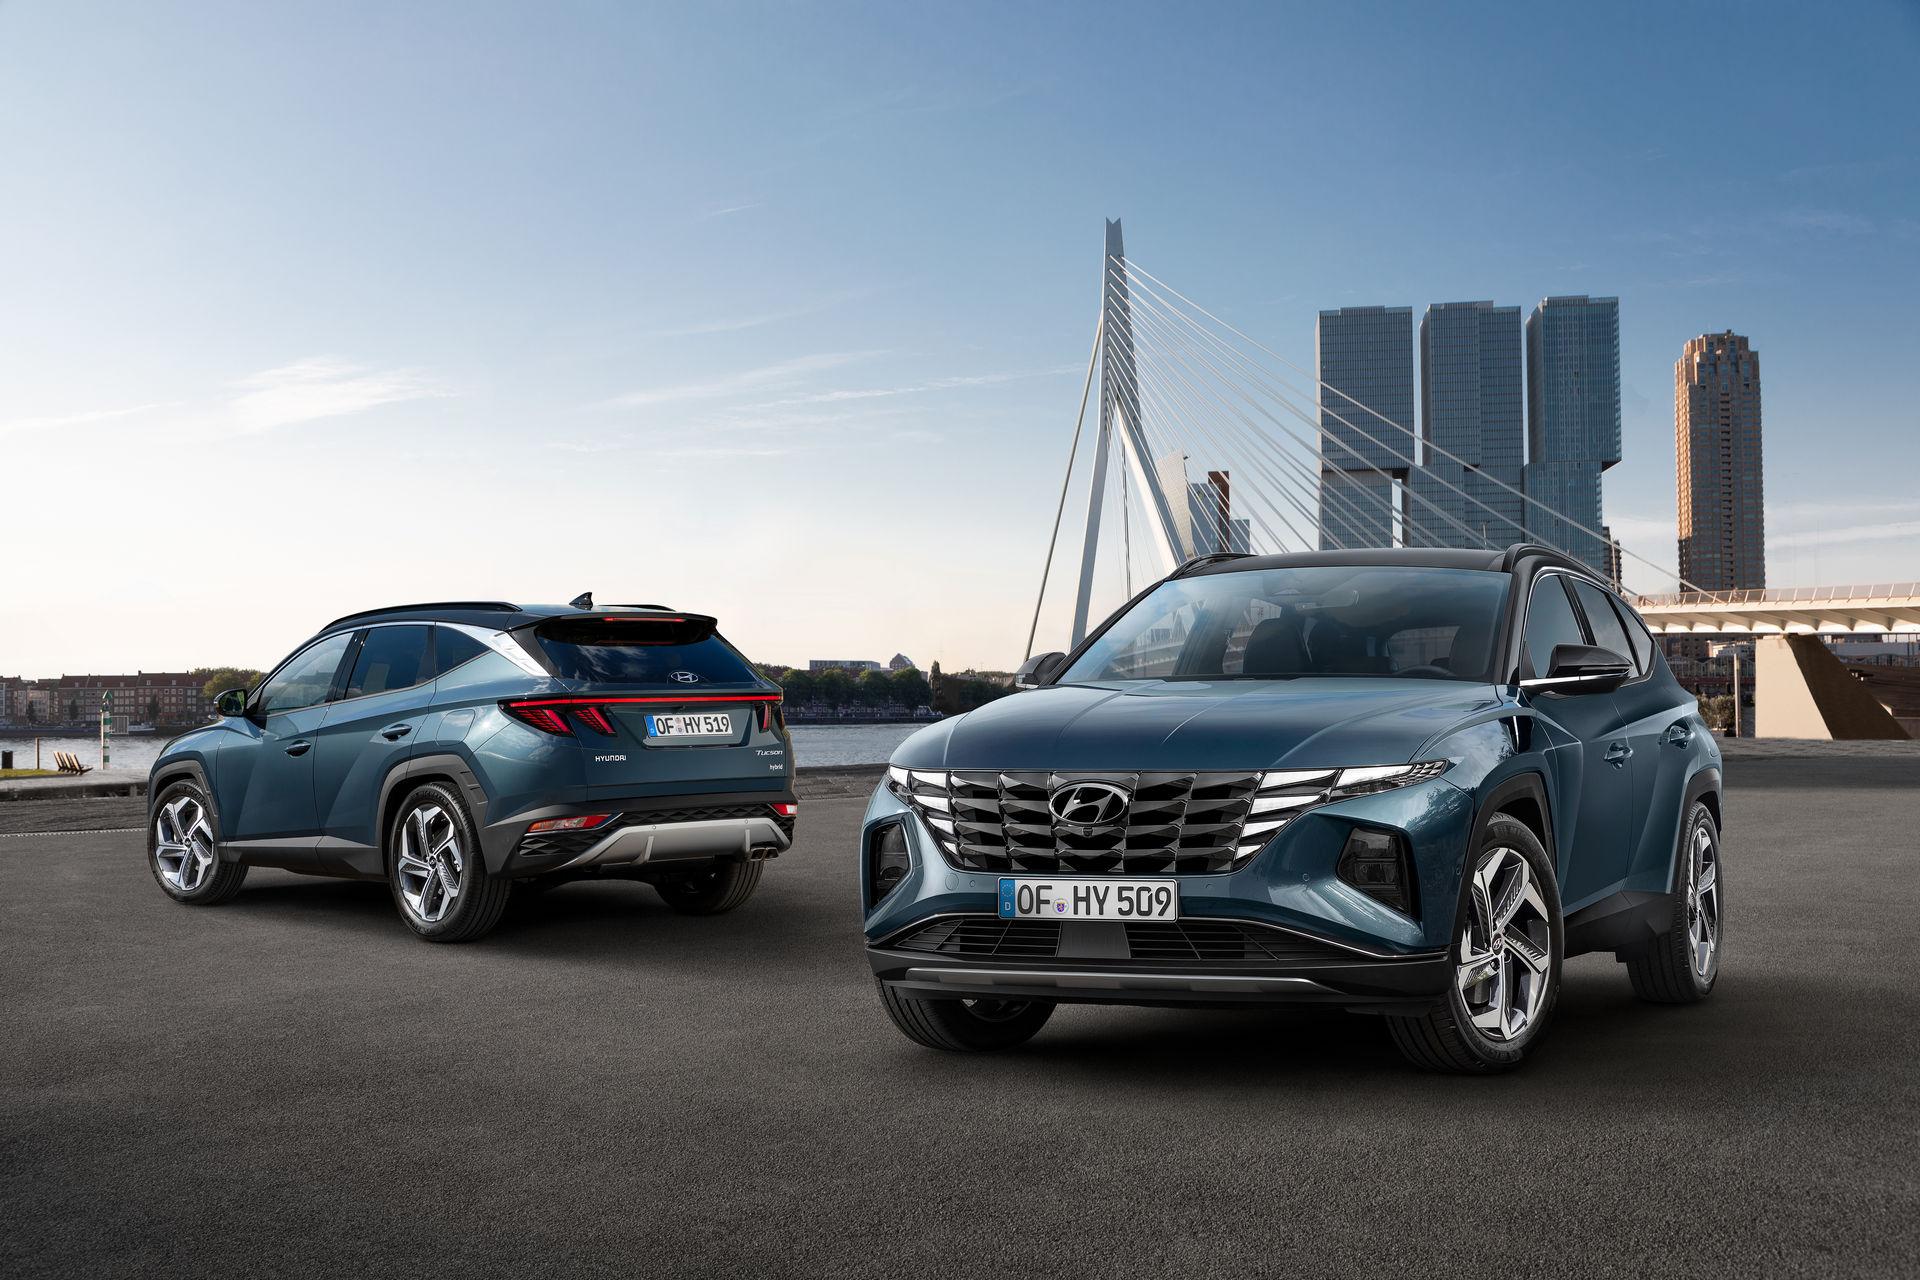 Hyundai Tucson 2021 sẽ mở bán từ tháng 9 tại Hàn Quốc